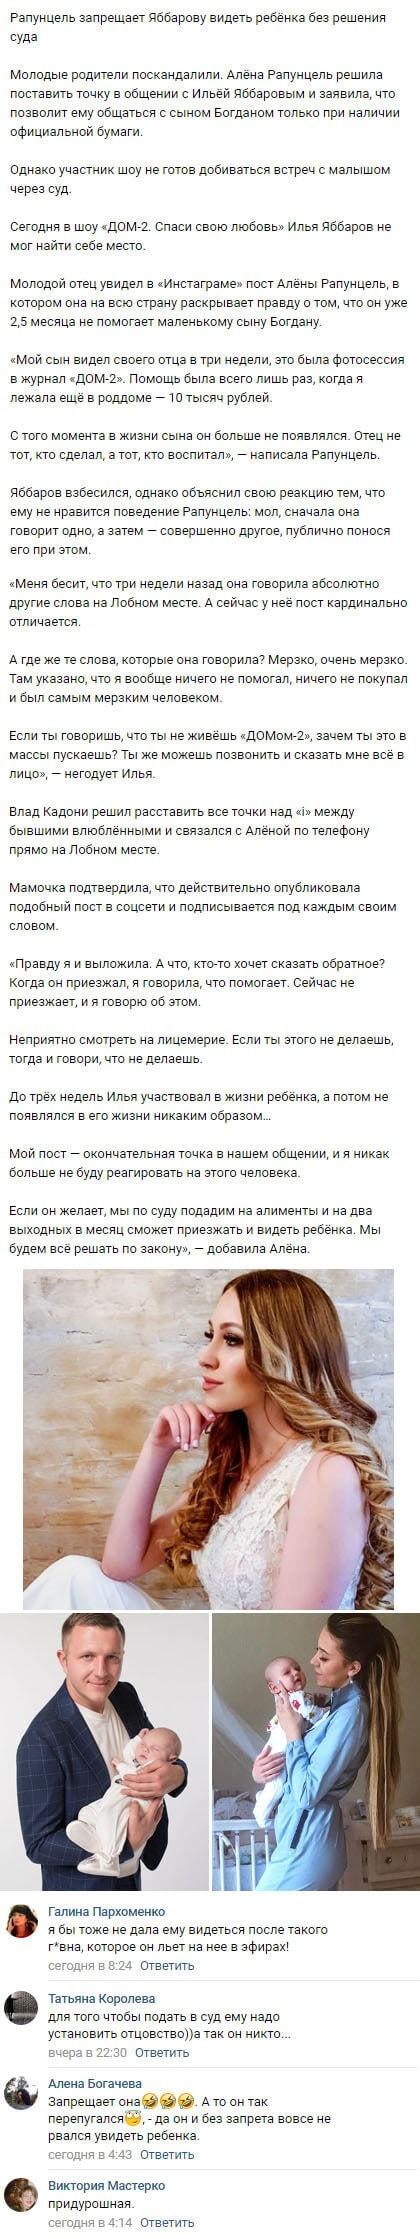 Алена Савкина нашла решение всех своих проблем с Ильей Яббаровым